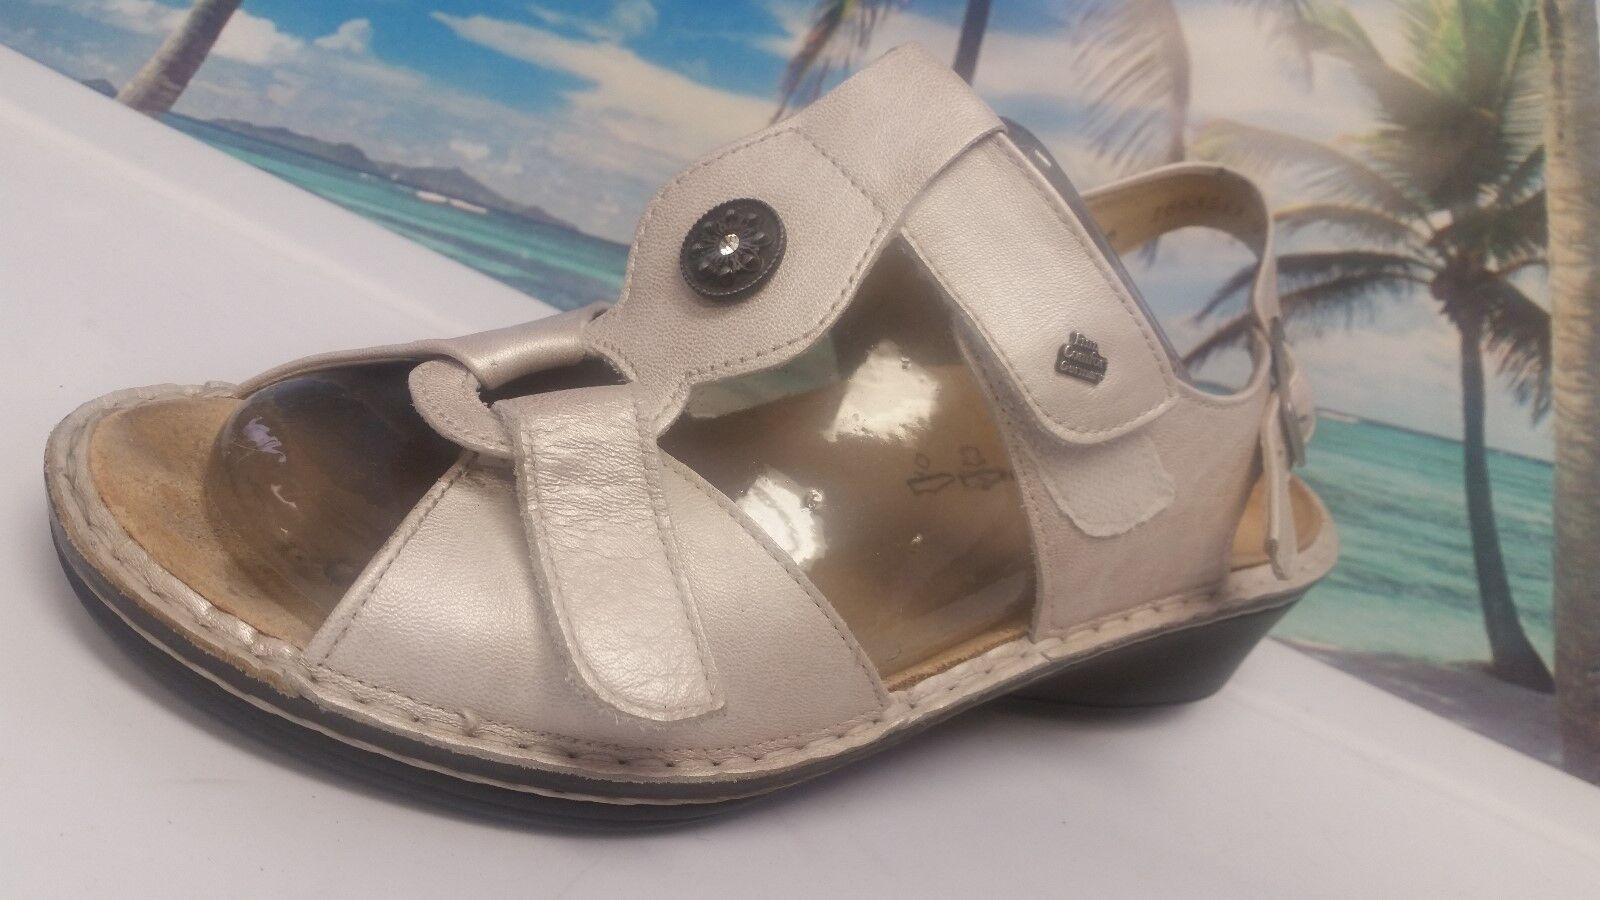 Finn Comfort Zapatos Sandalia De Mujer blancoo Metálico Cuero Cuero Metálico 6 D 725b17